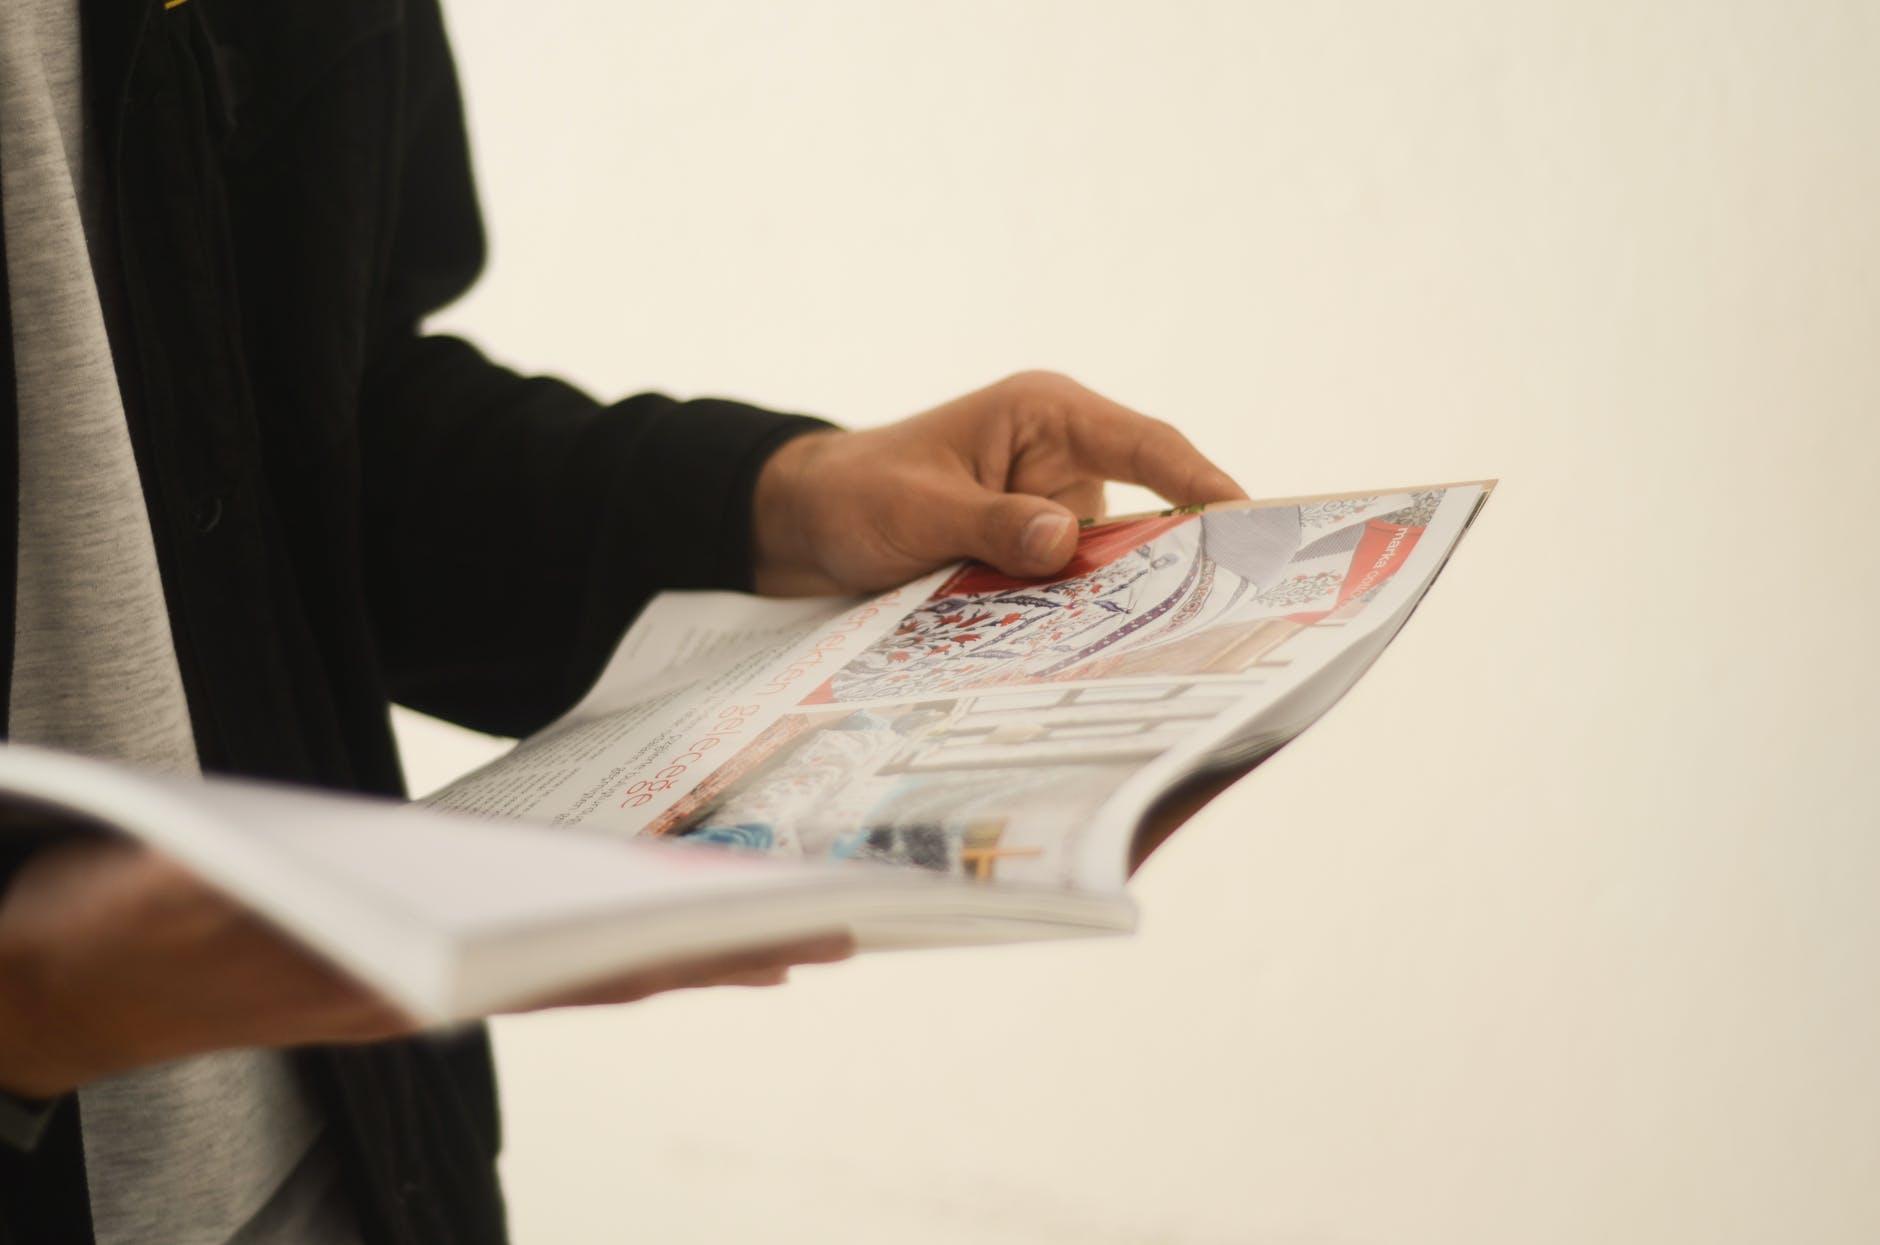 unknown person reading magazine